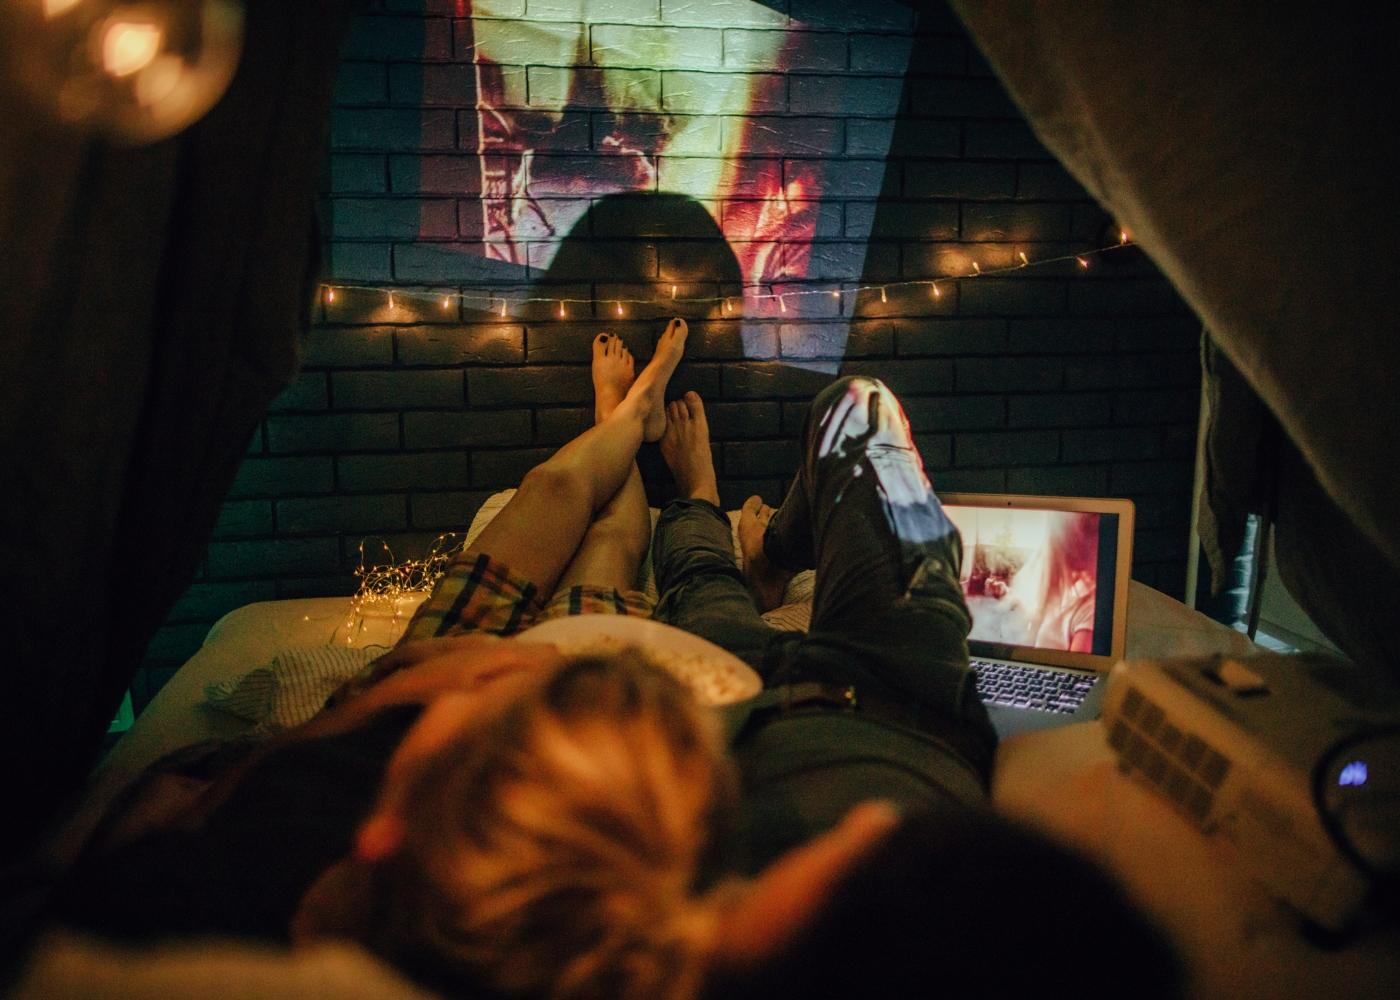 casal em noite de cinema romântica